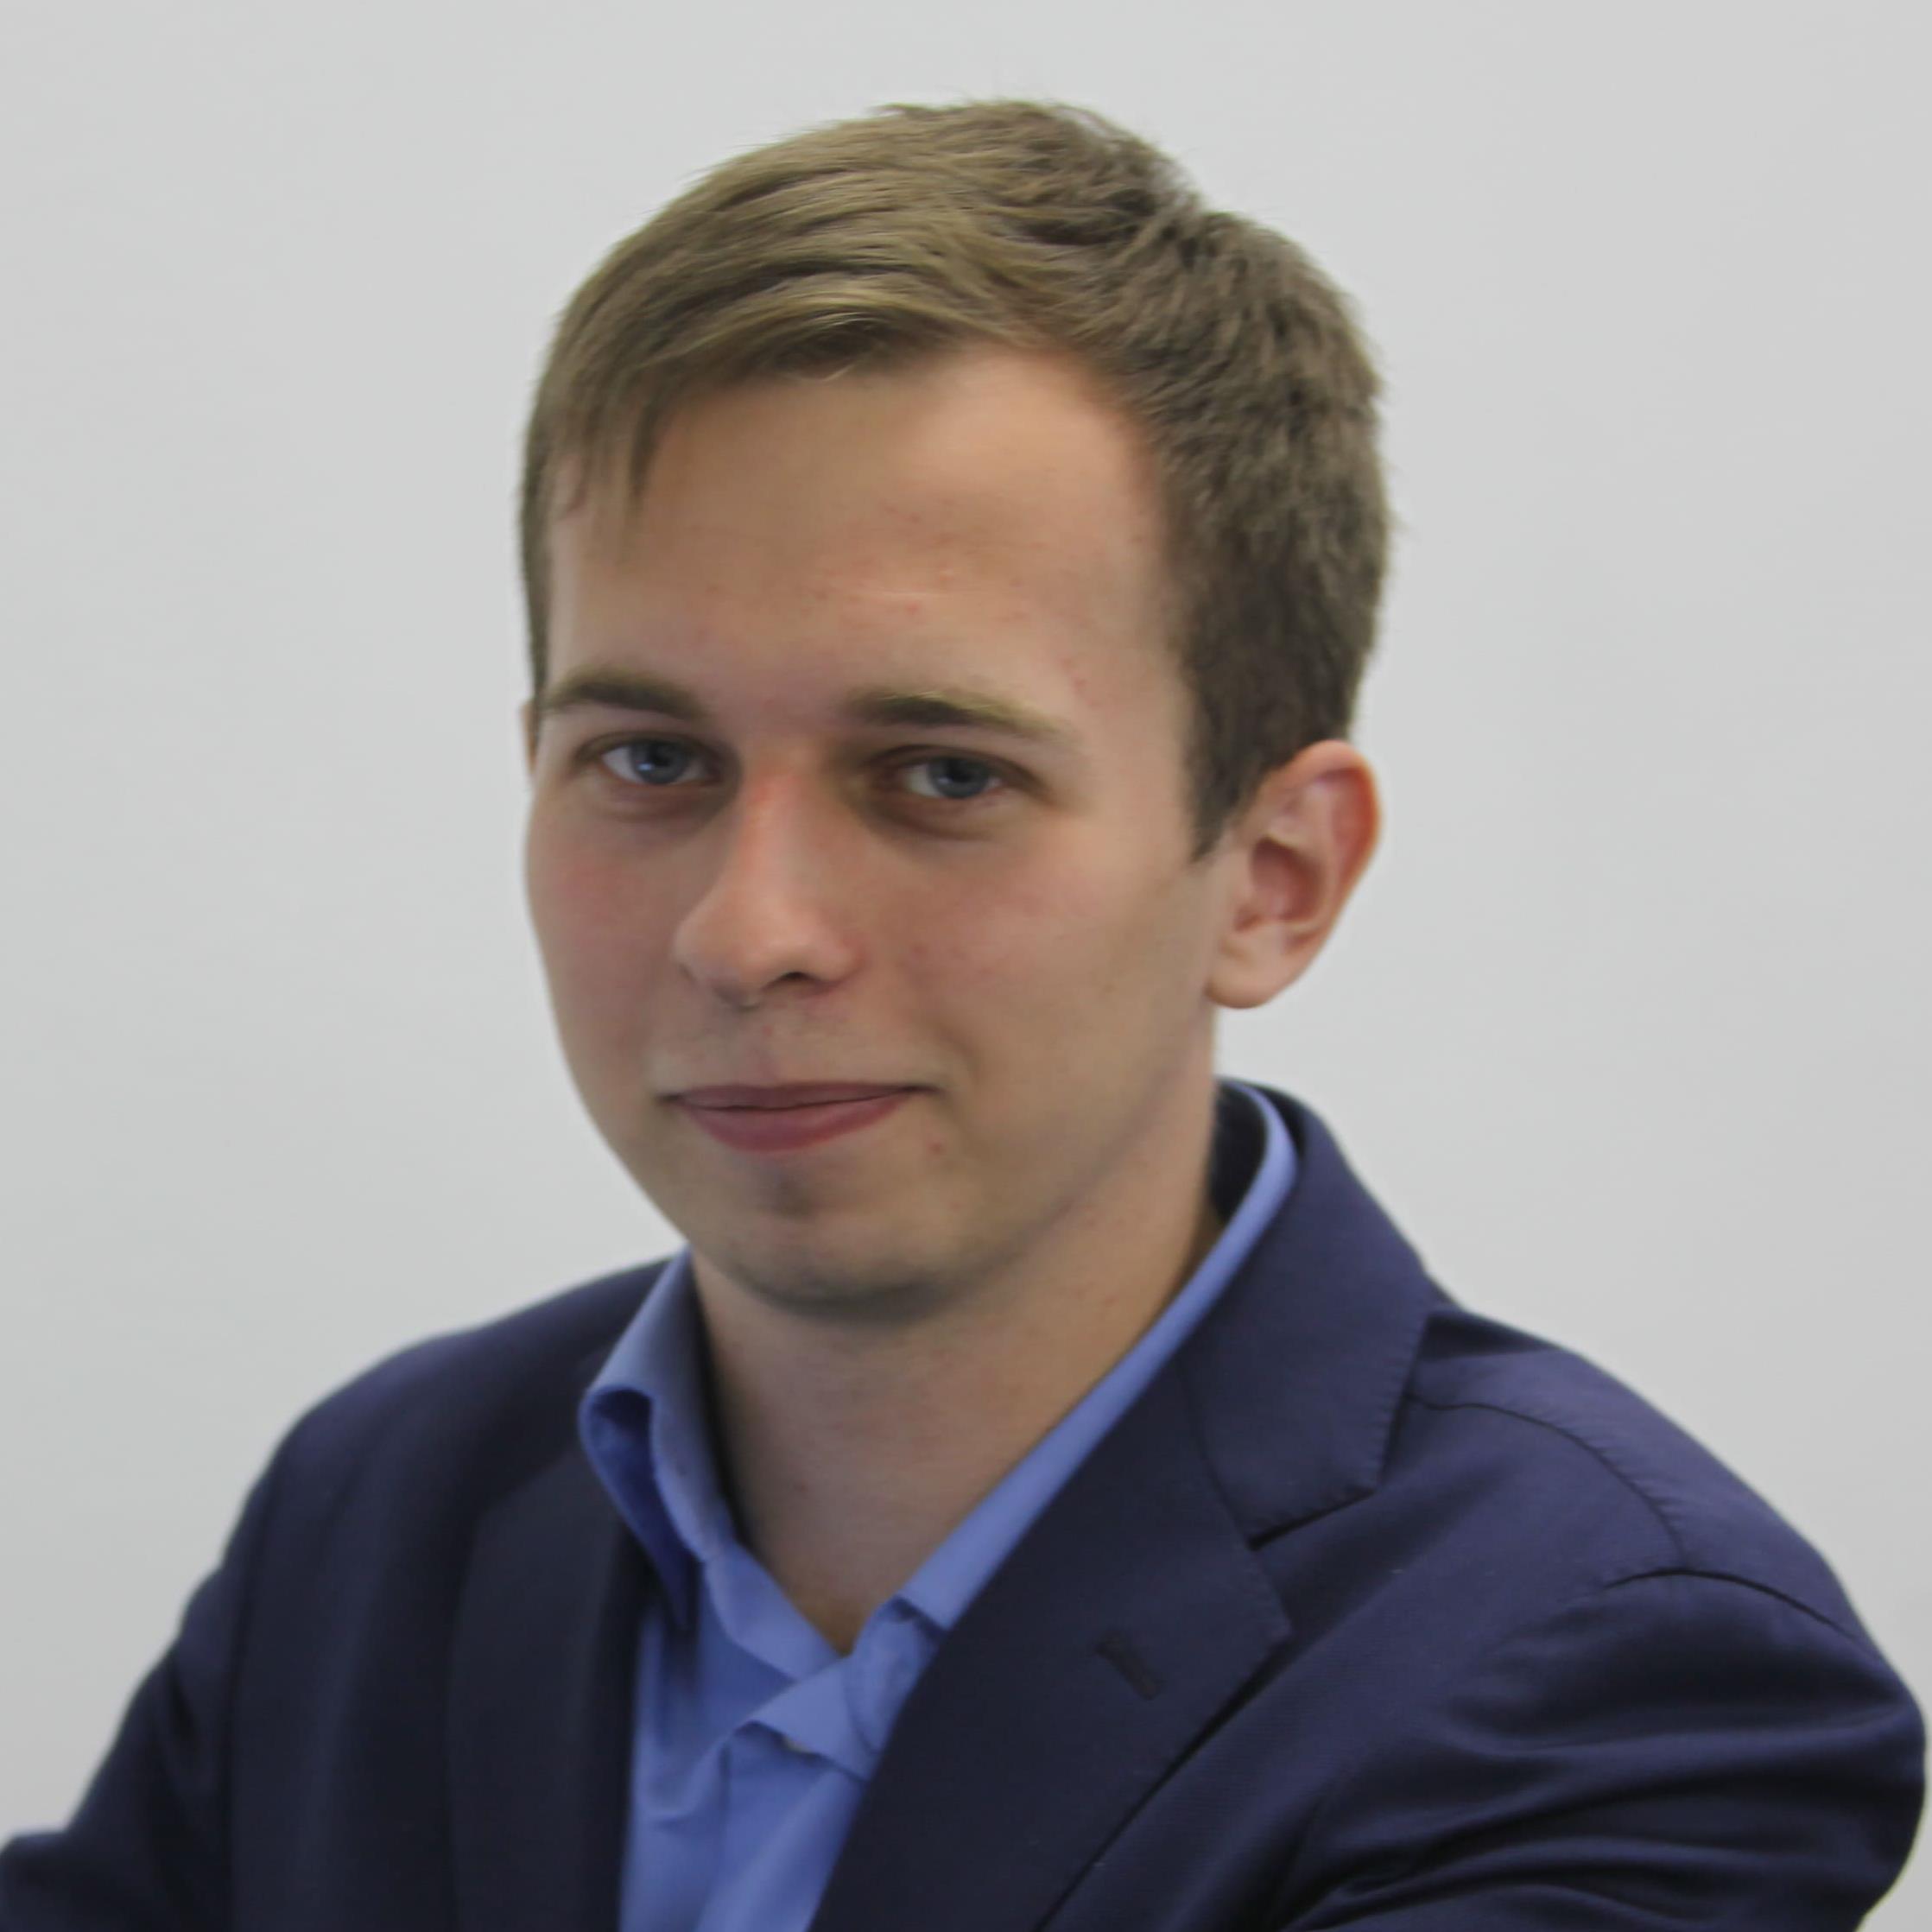 Свинцов Степан.jpg